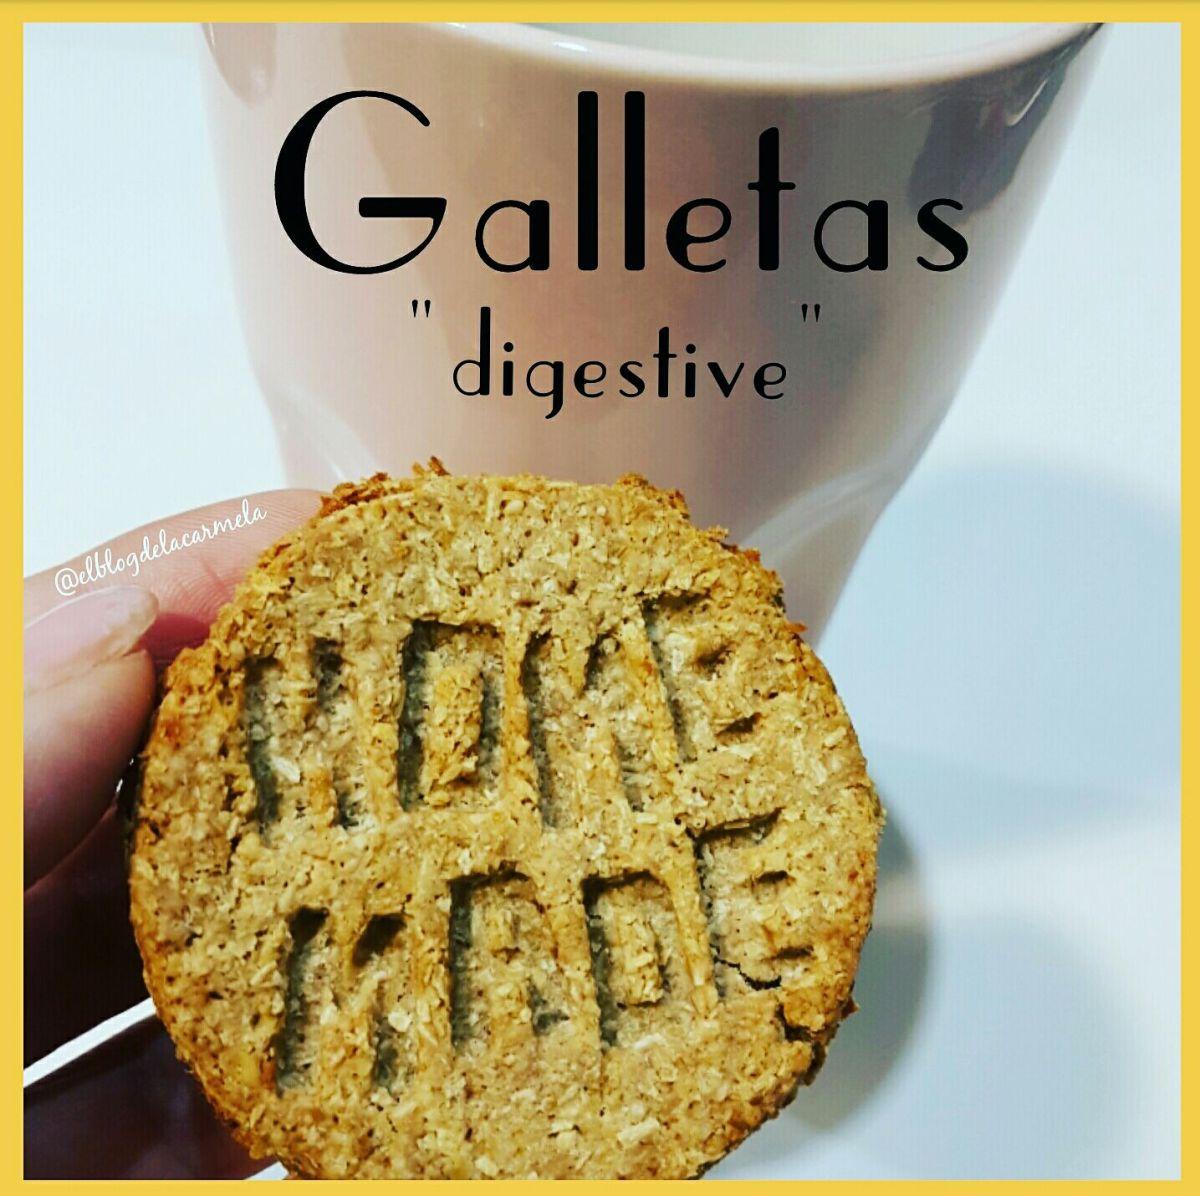 Galletas tipo digestive (galletas integrales, veganas y sin azúcar)